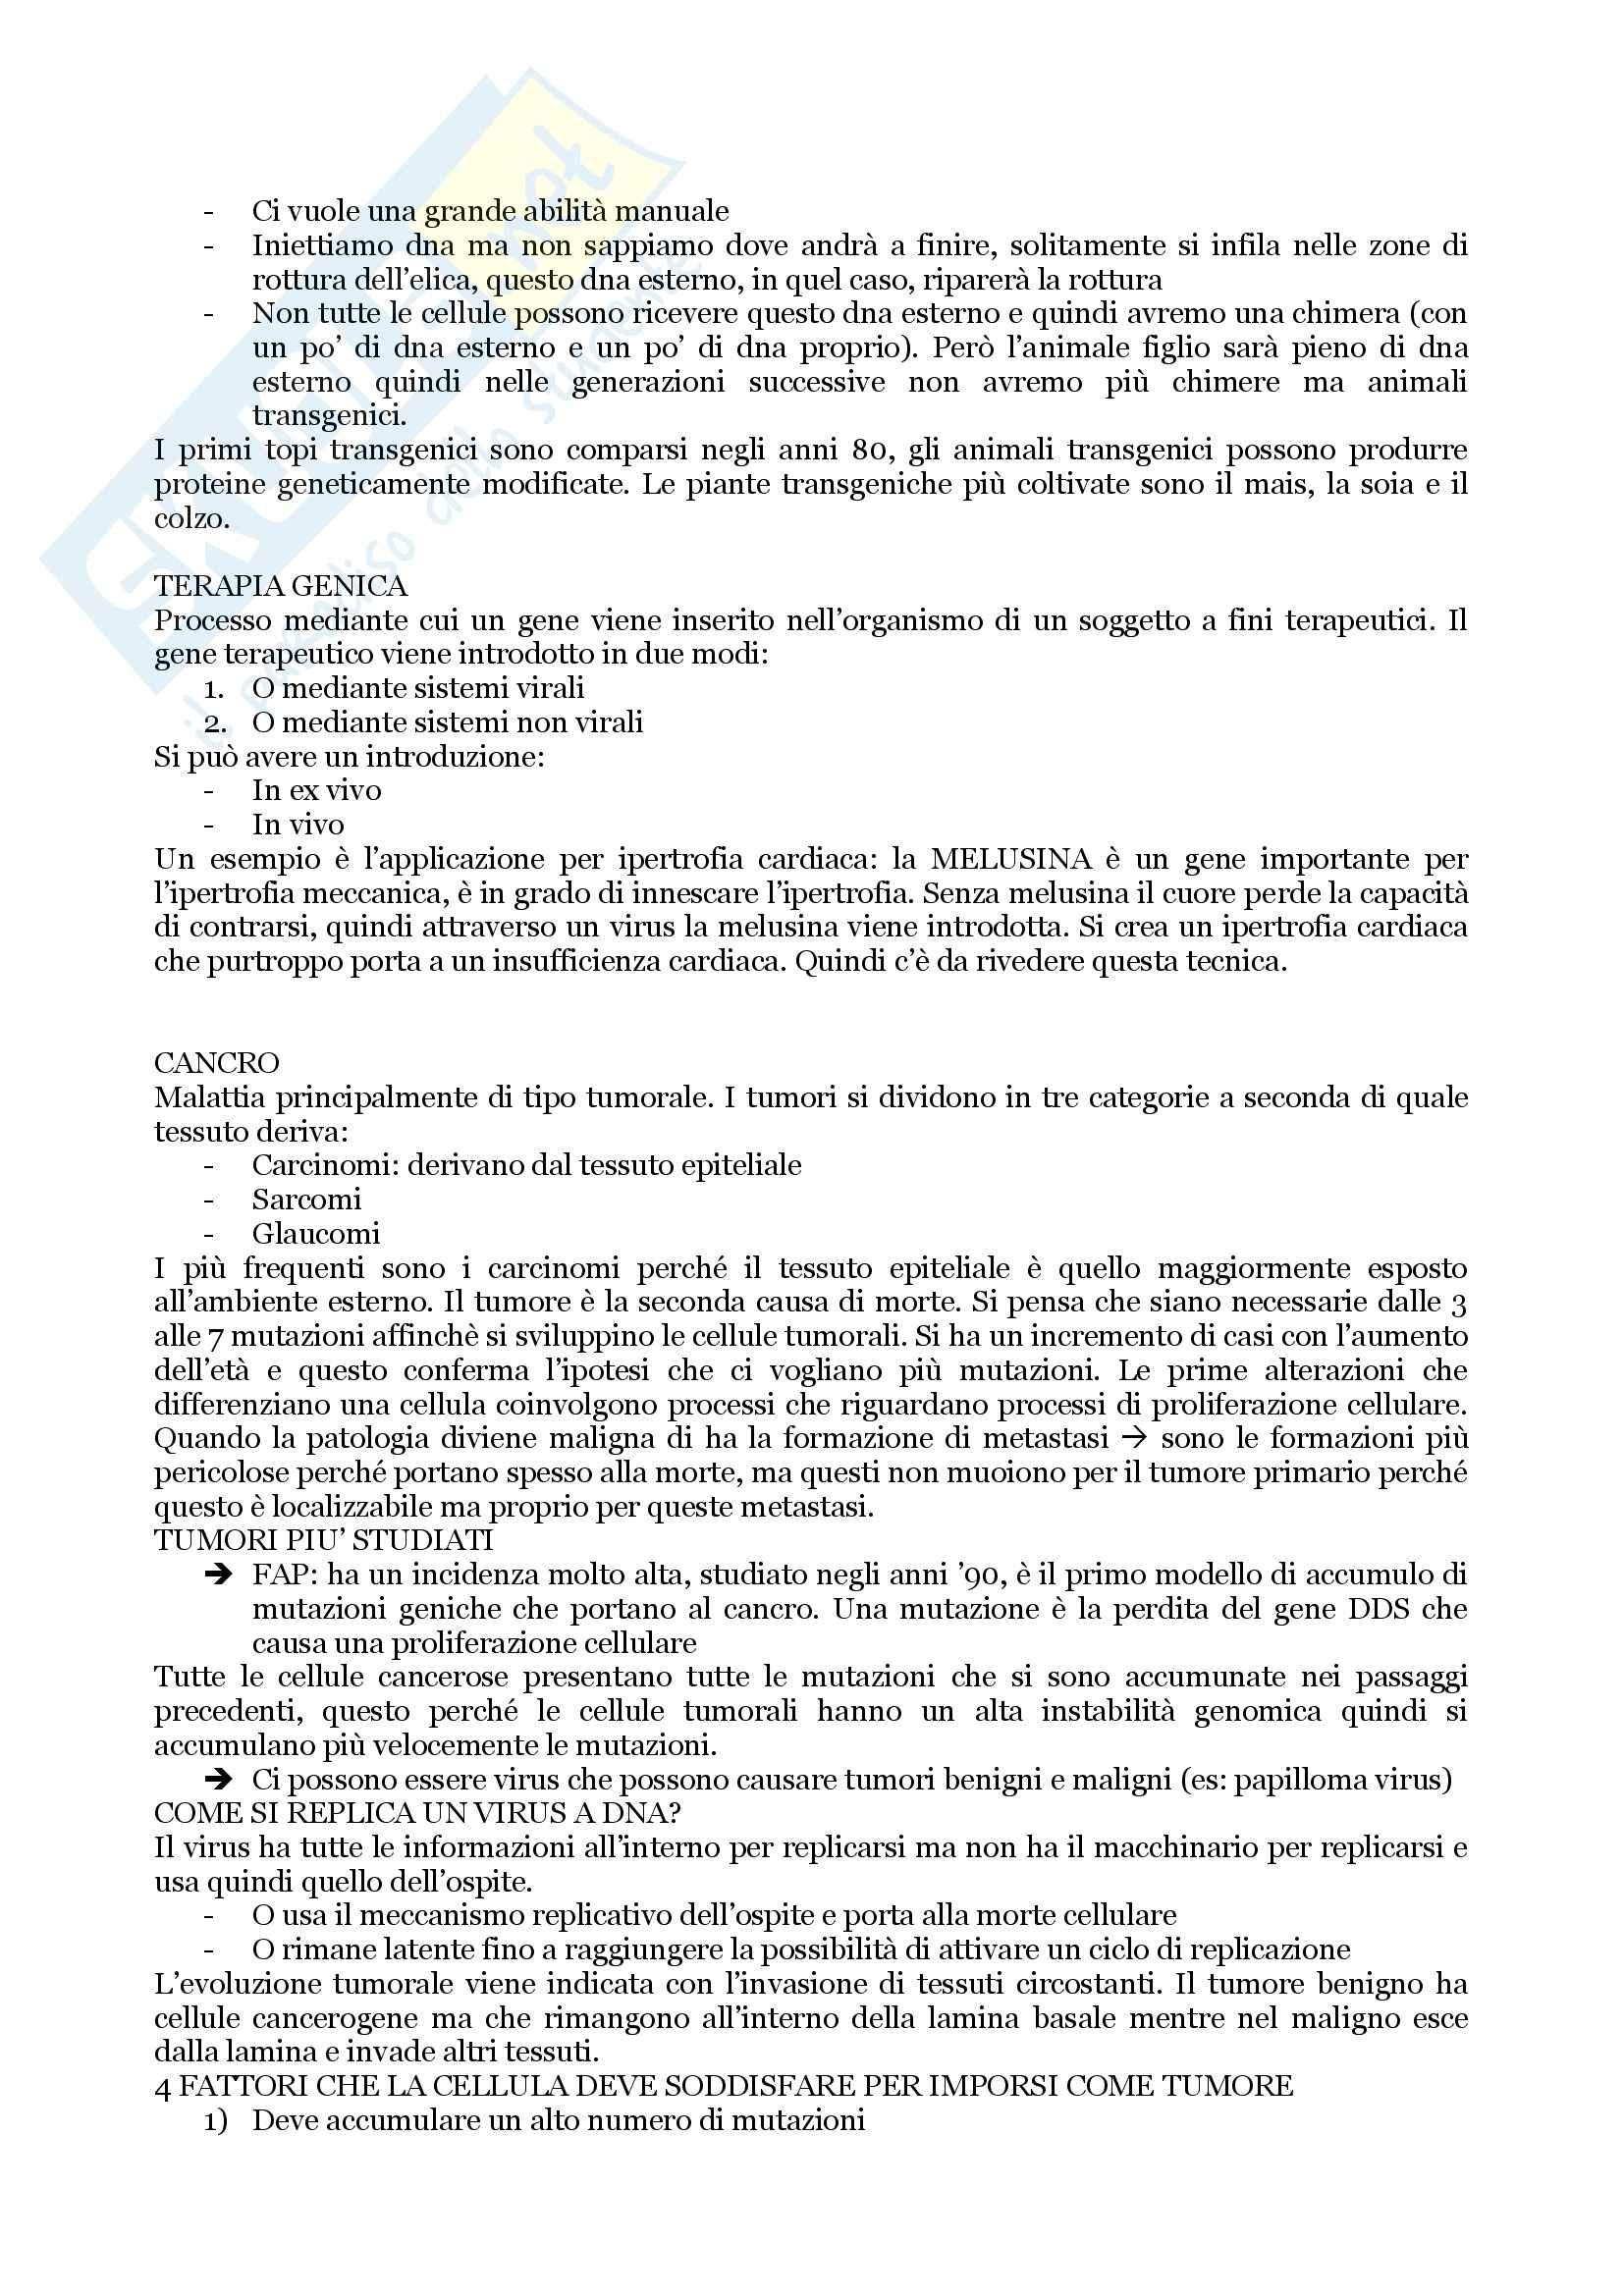 Biologia Applicata - Appunti, Slides e Schemi libro Pag. 81